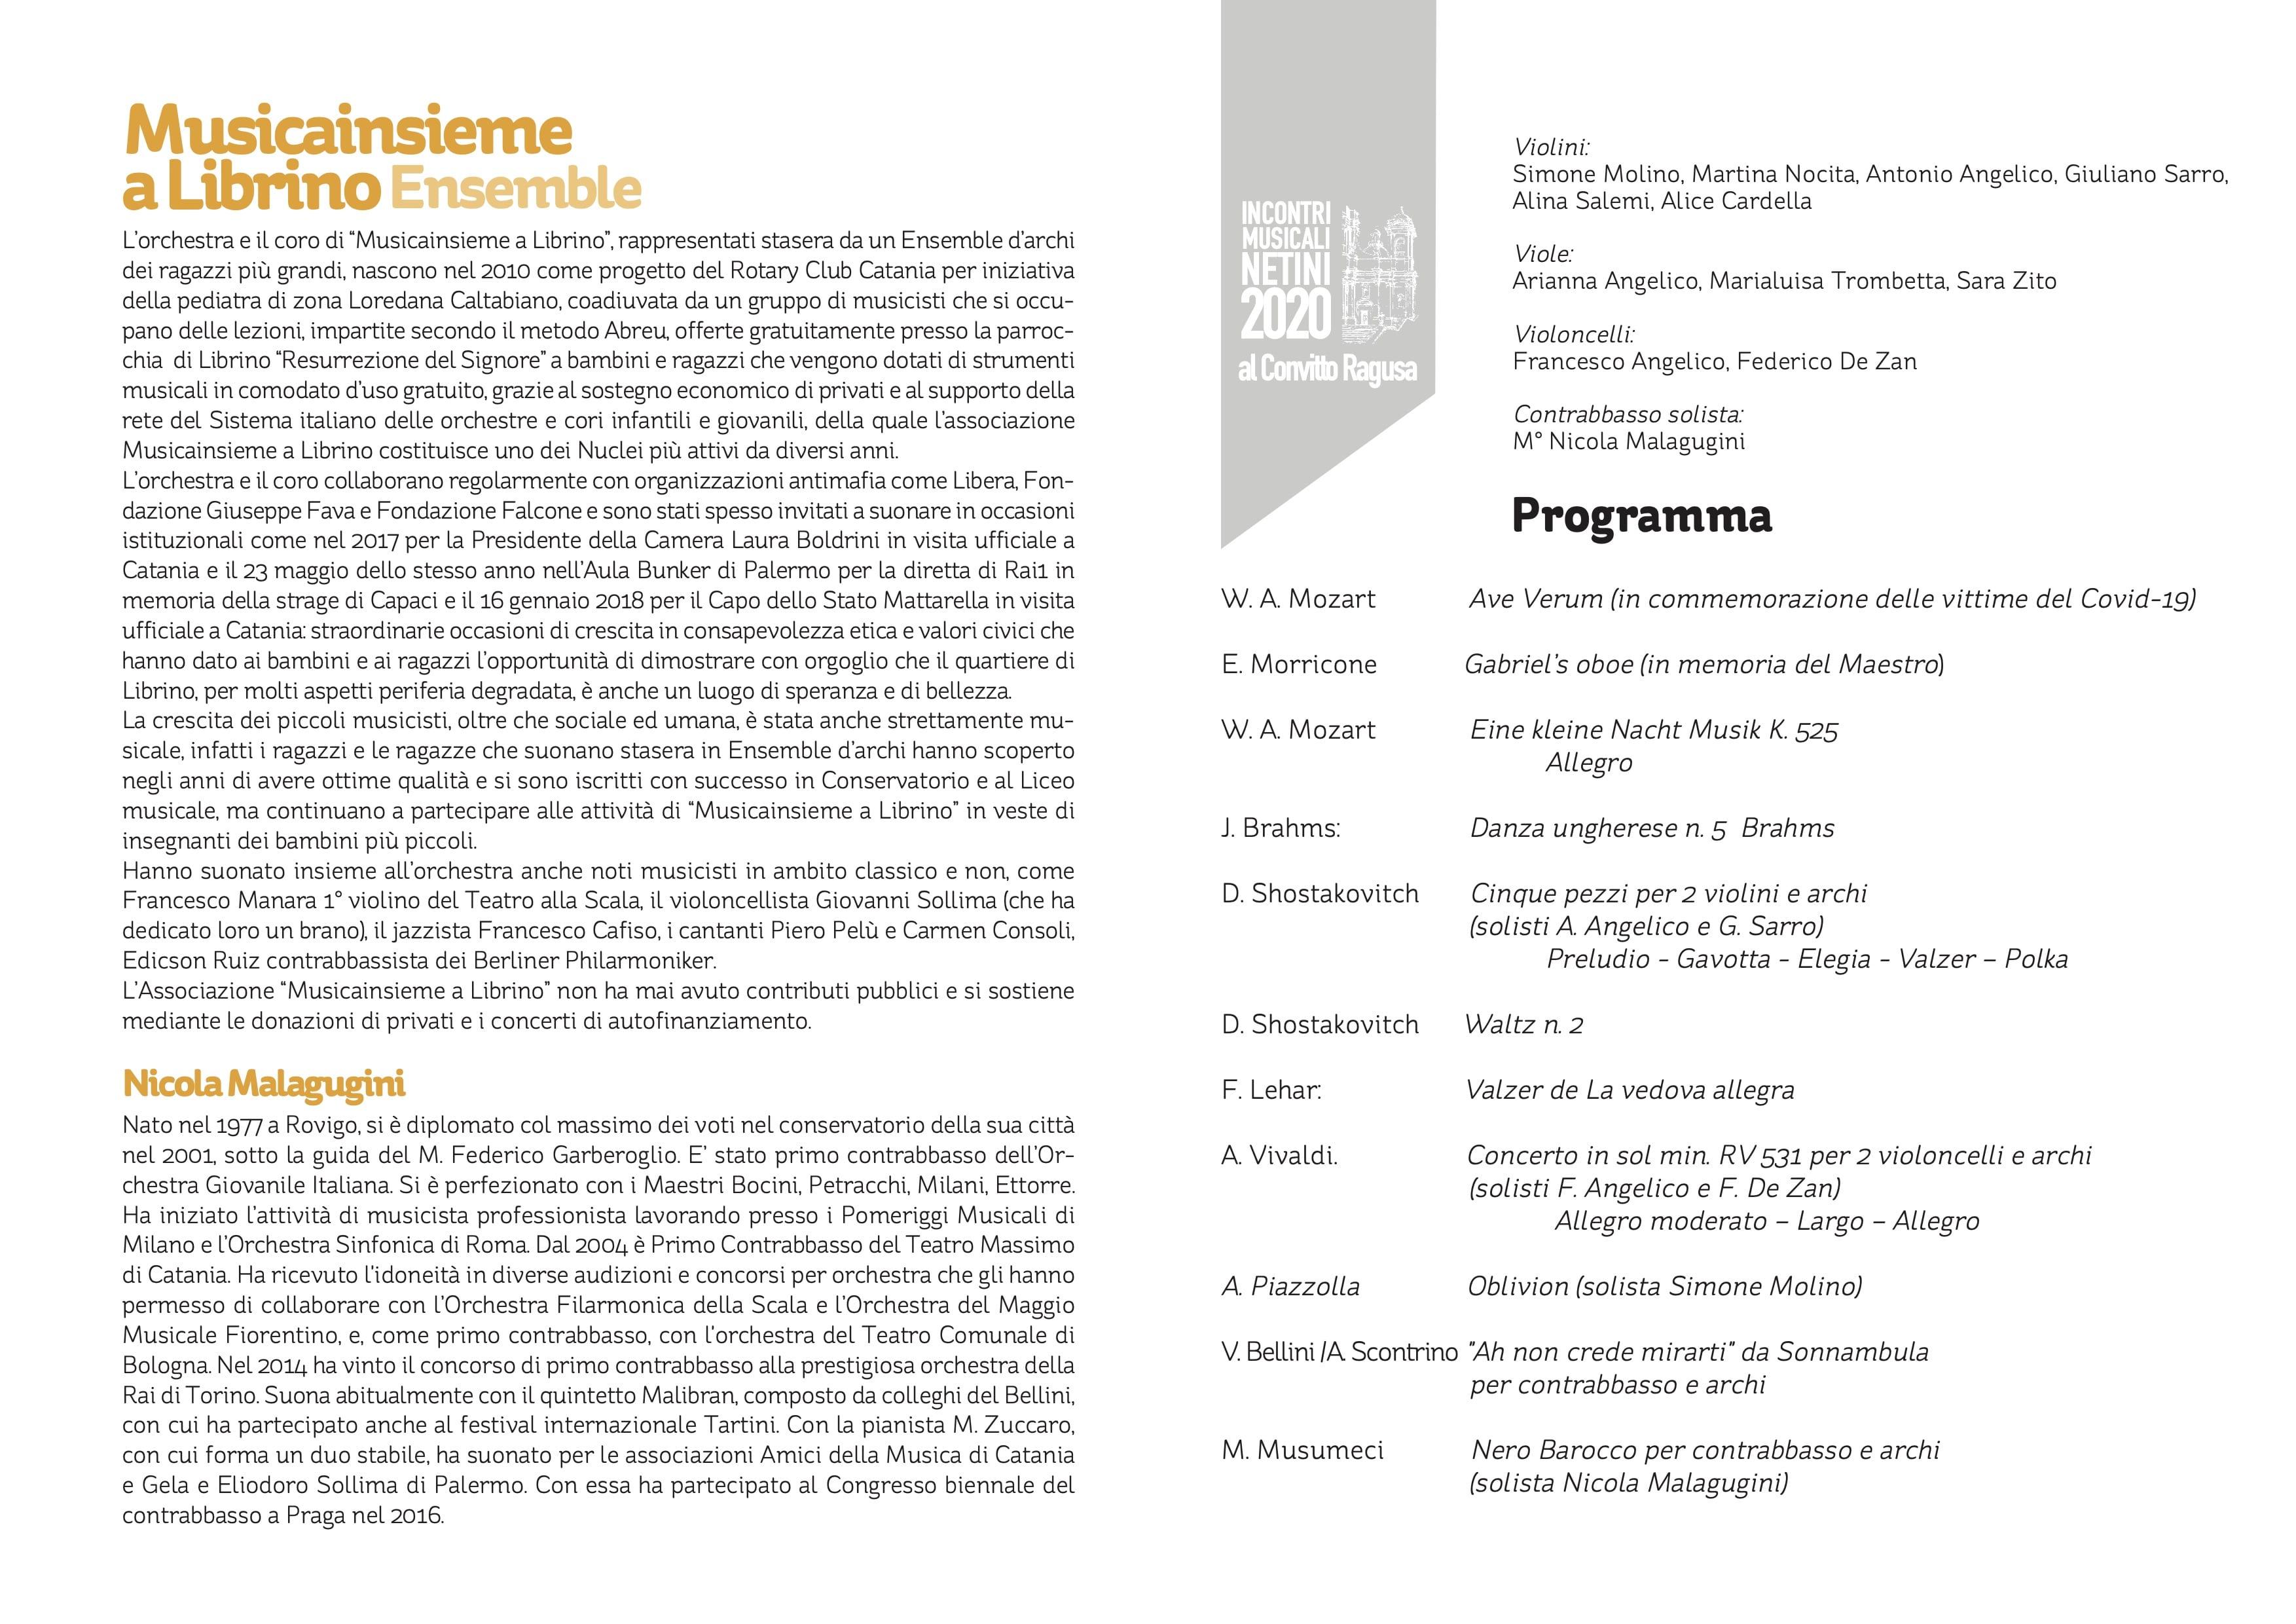 programma 12_07a